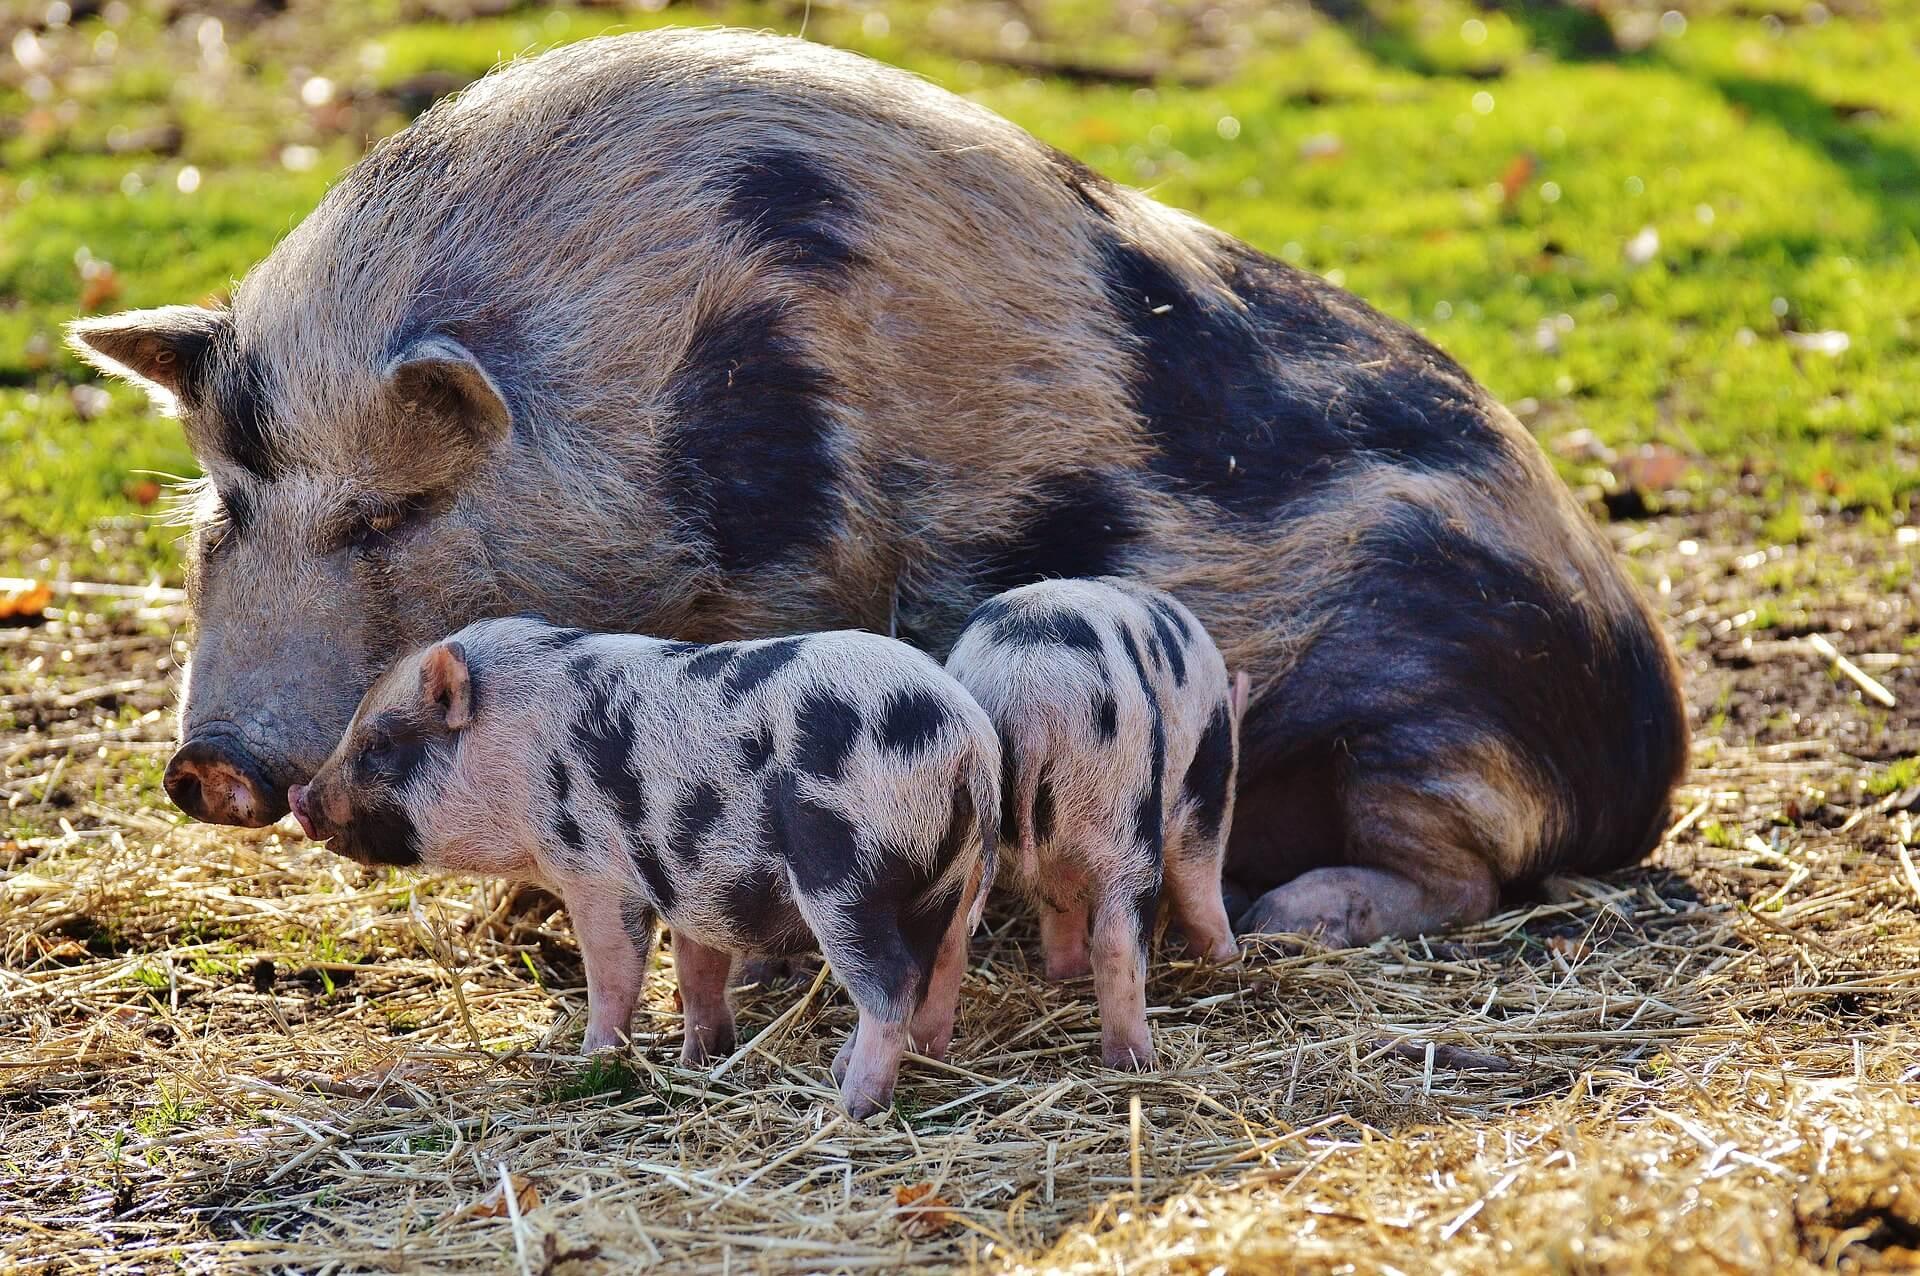 Semaine mondiale sans viande: le pourquoi du comment